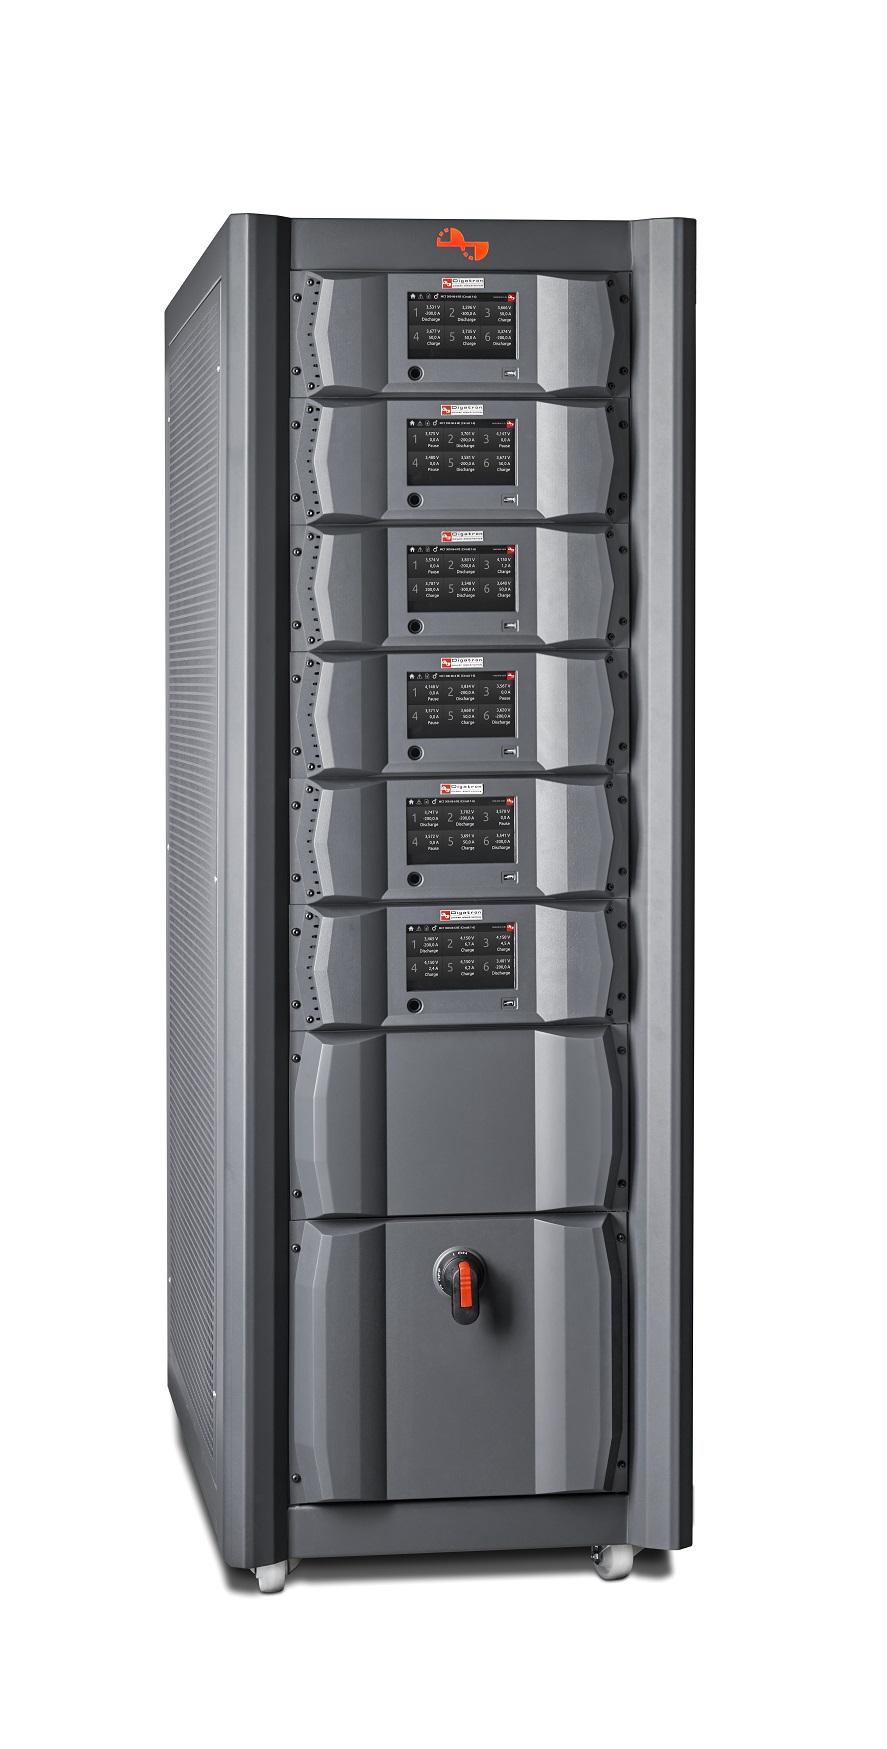 Digatron MCT-RE, für Hochstromtests an Starterbatterien, höchst ernergie- und kosteneffizient